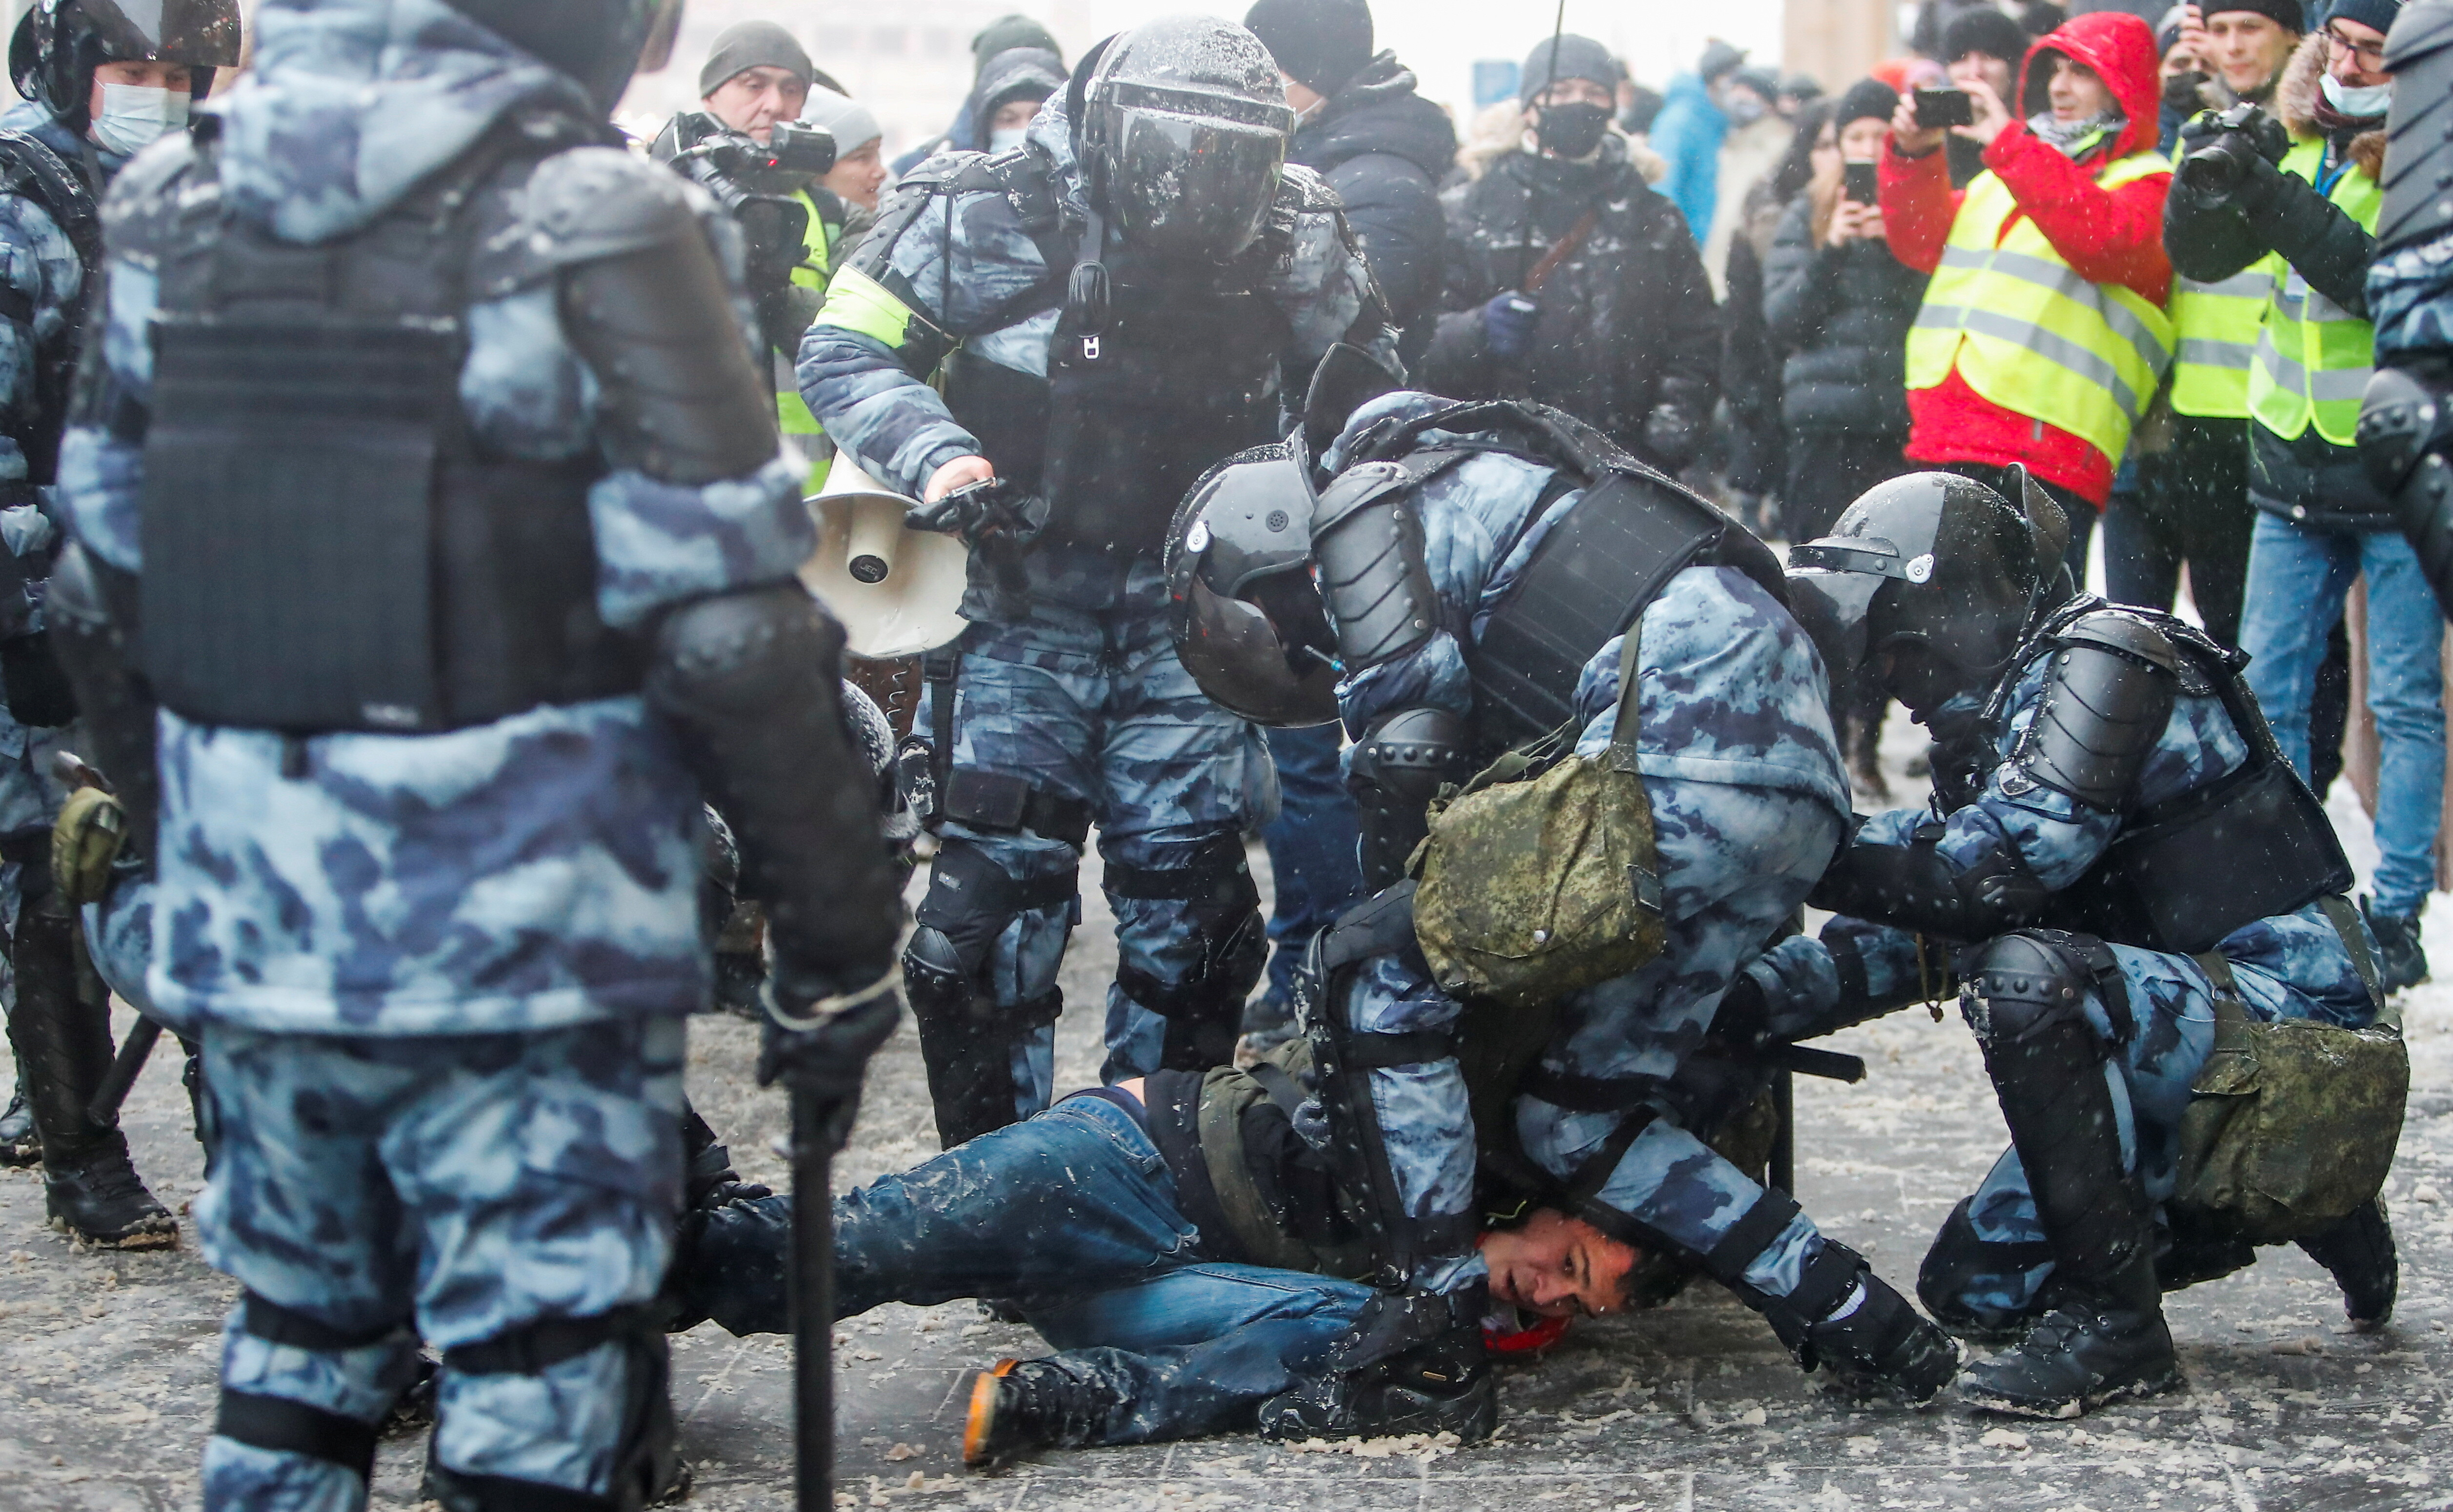 Тисячі затриманих: як пройшов другий день протестів на підтримку Навального в Росії